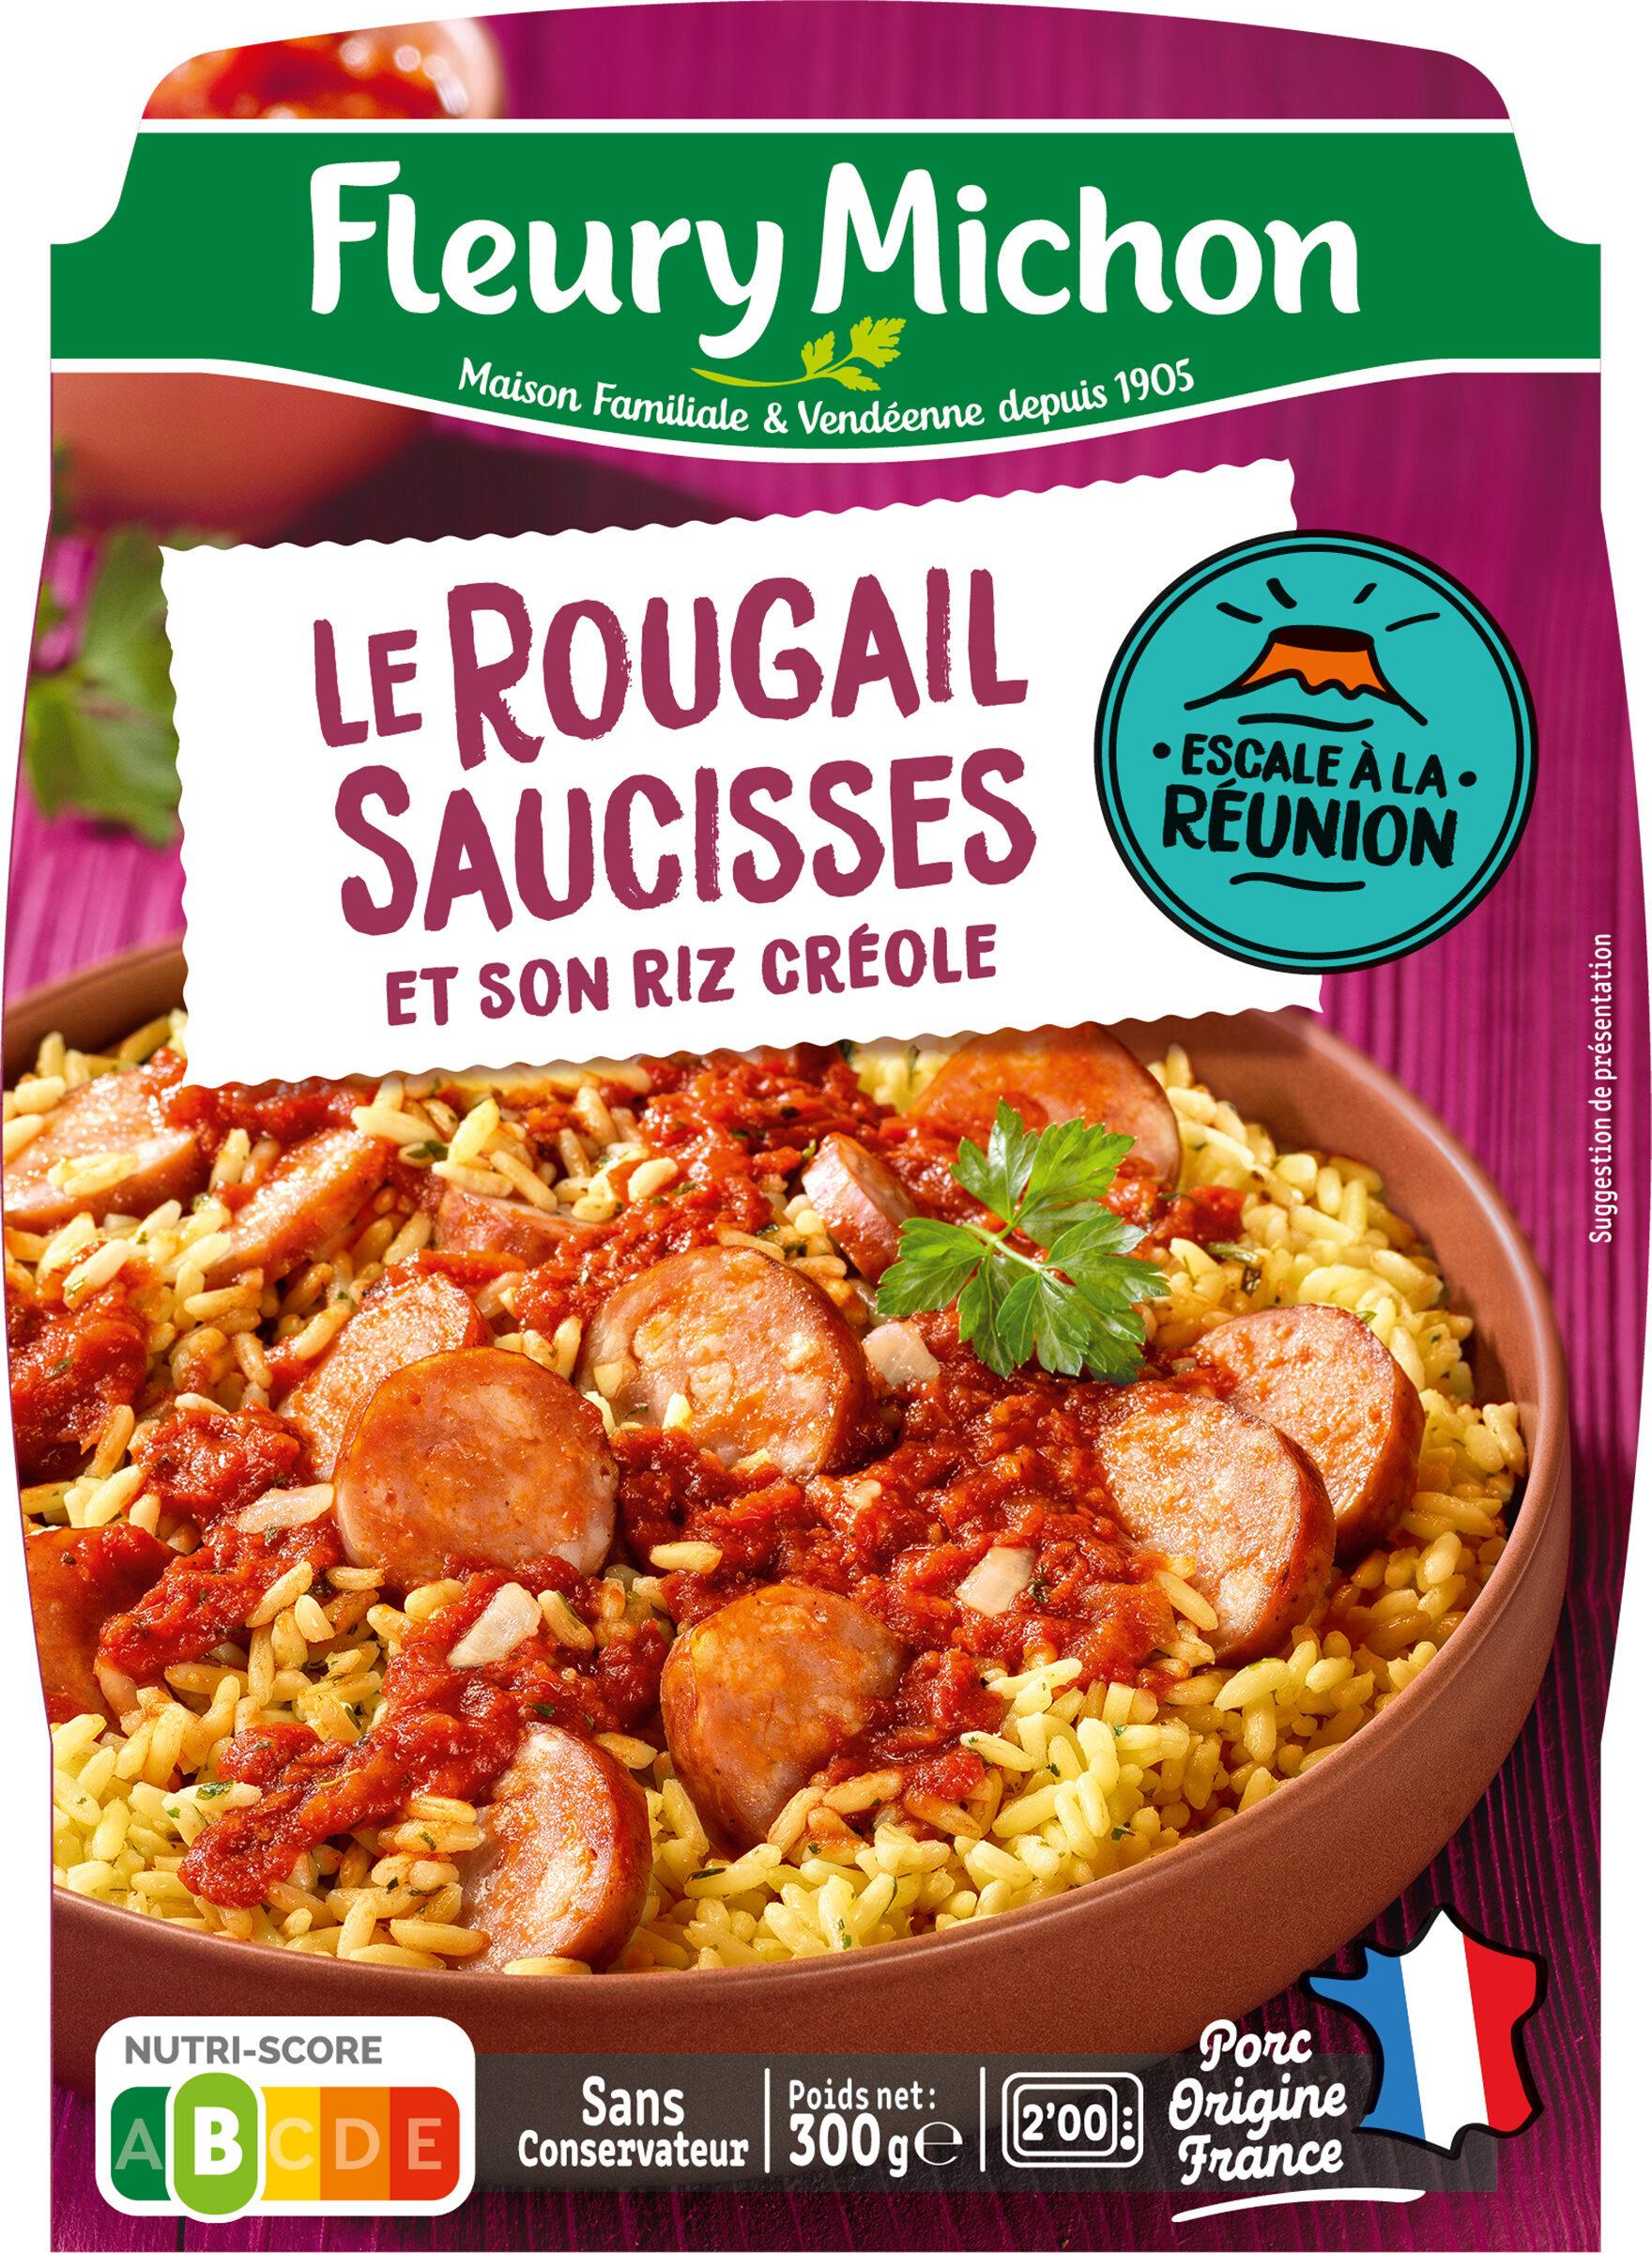 Le rougail saucisse et son riz créole - Prodotto - fr